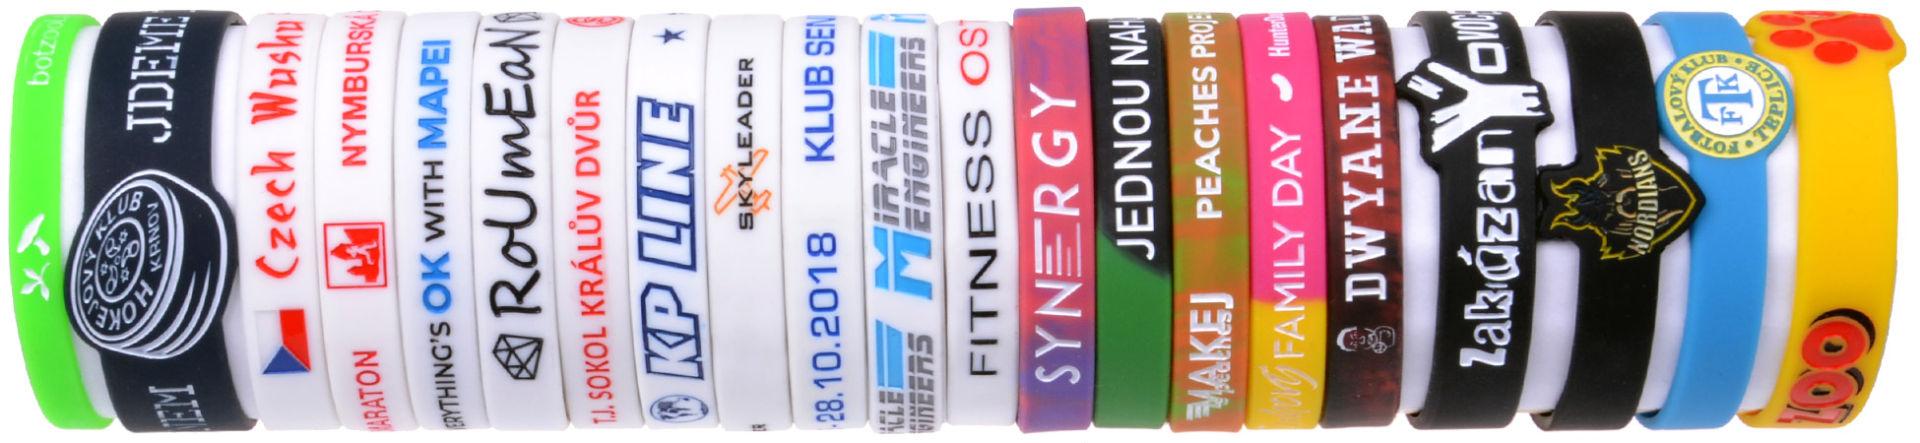 Gumové náramky na ruku, výroba silikonových náramků -